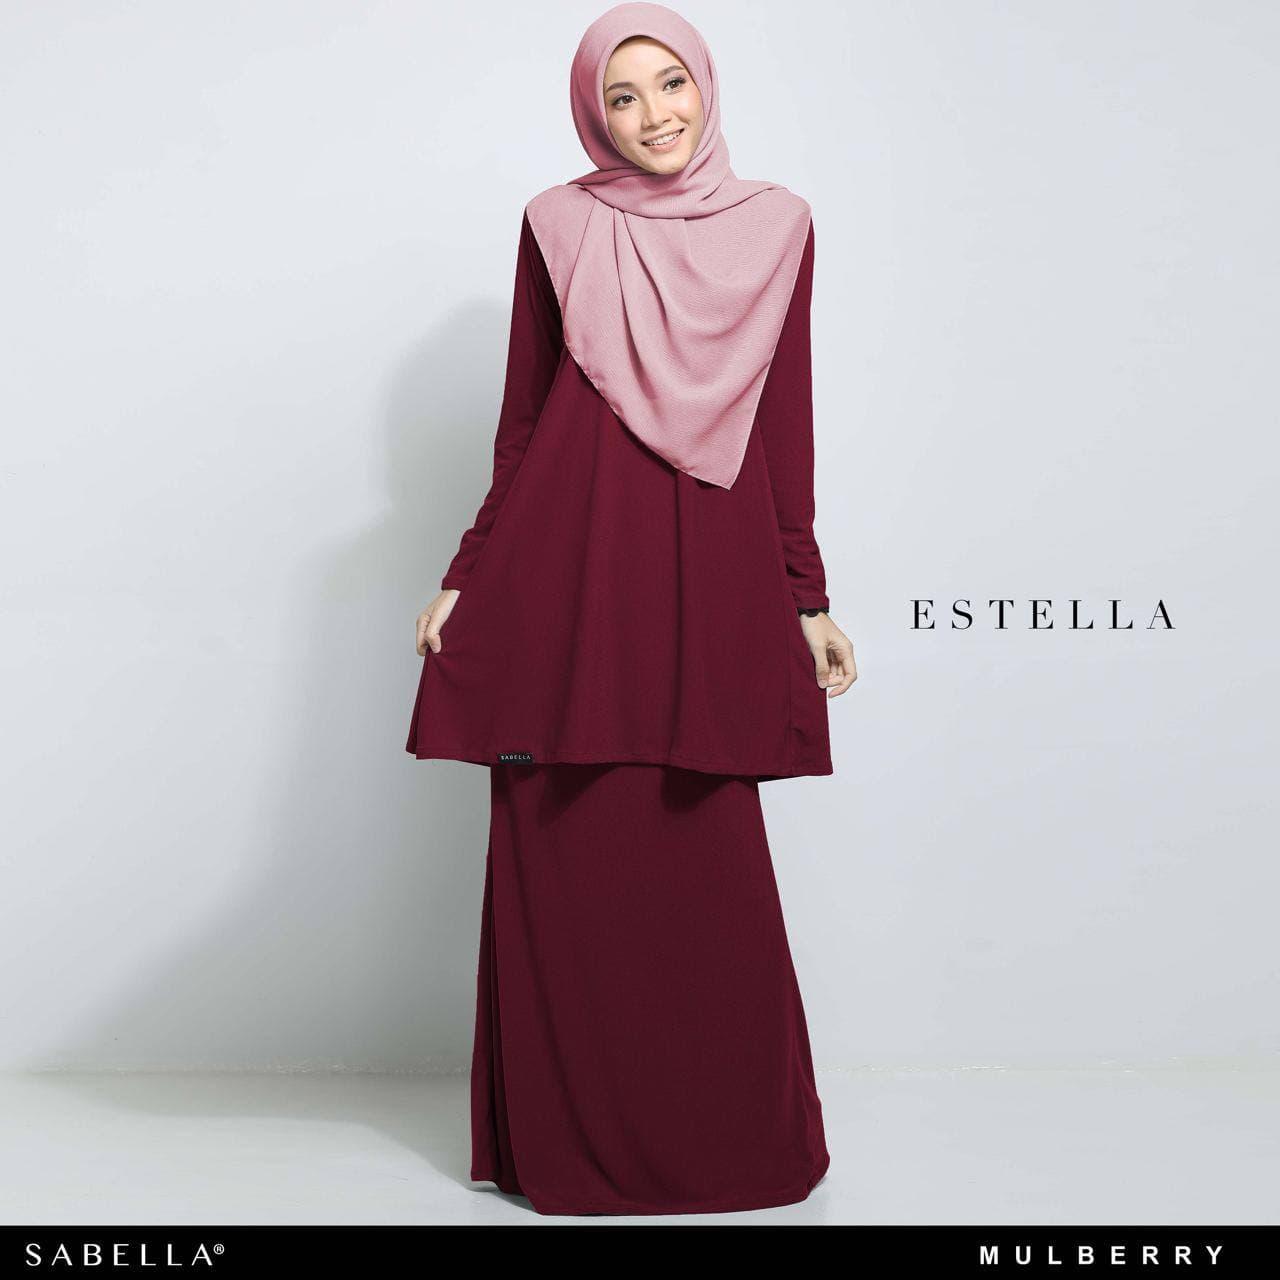 Estella 2.0 Mulberry (R)